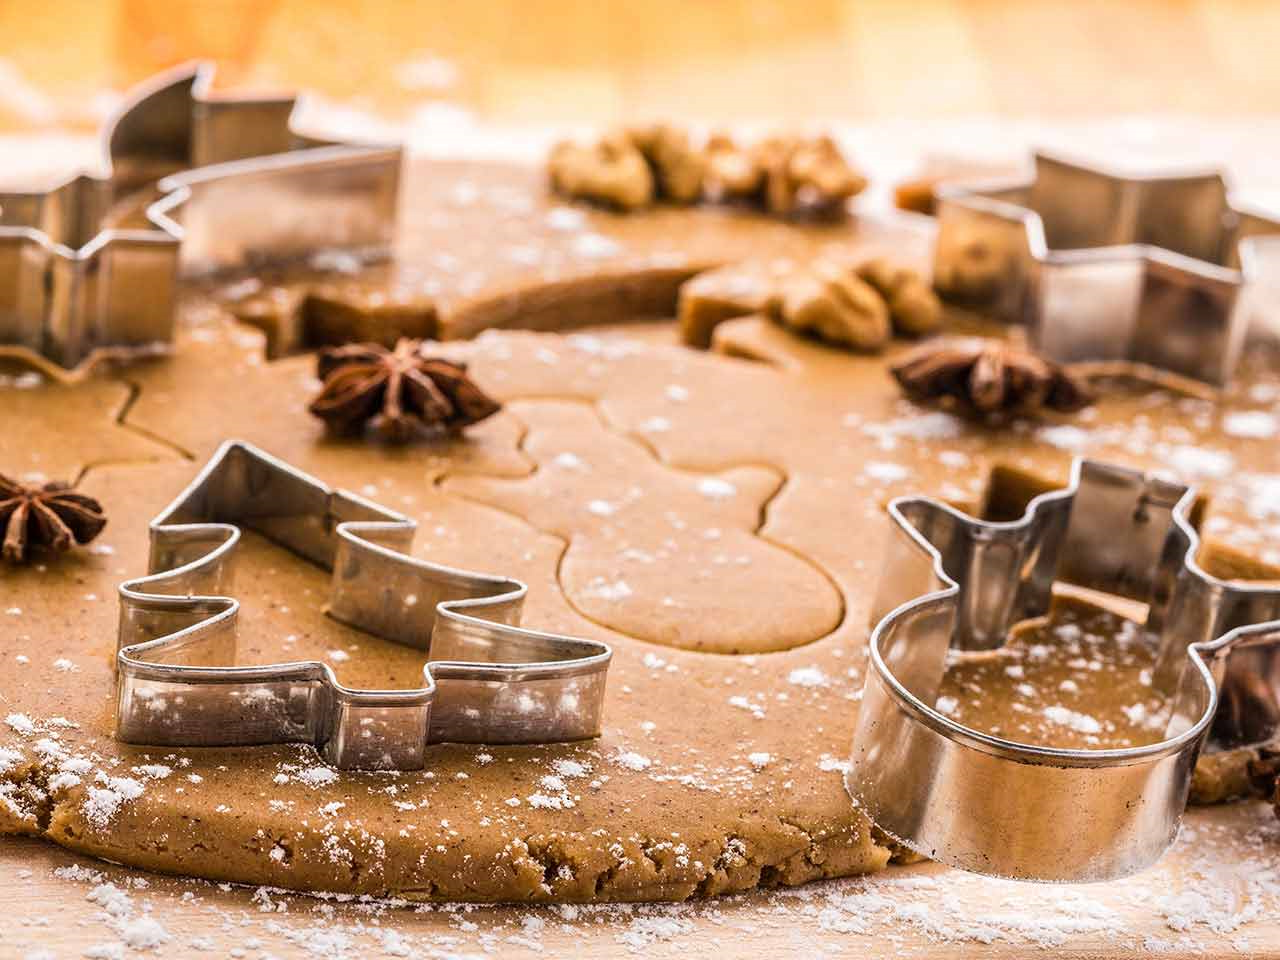 Biscuits au beurre de cacahuètes recette de Noel